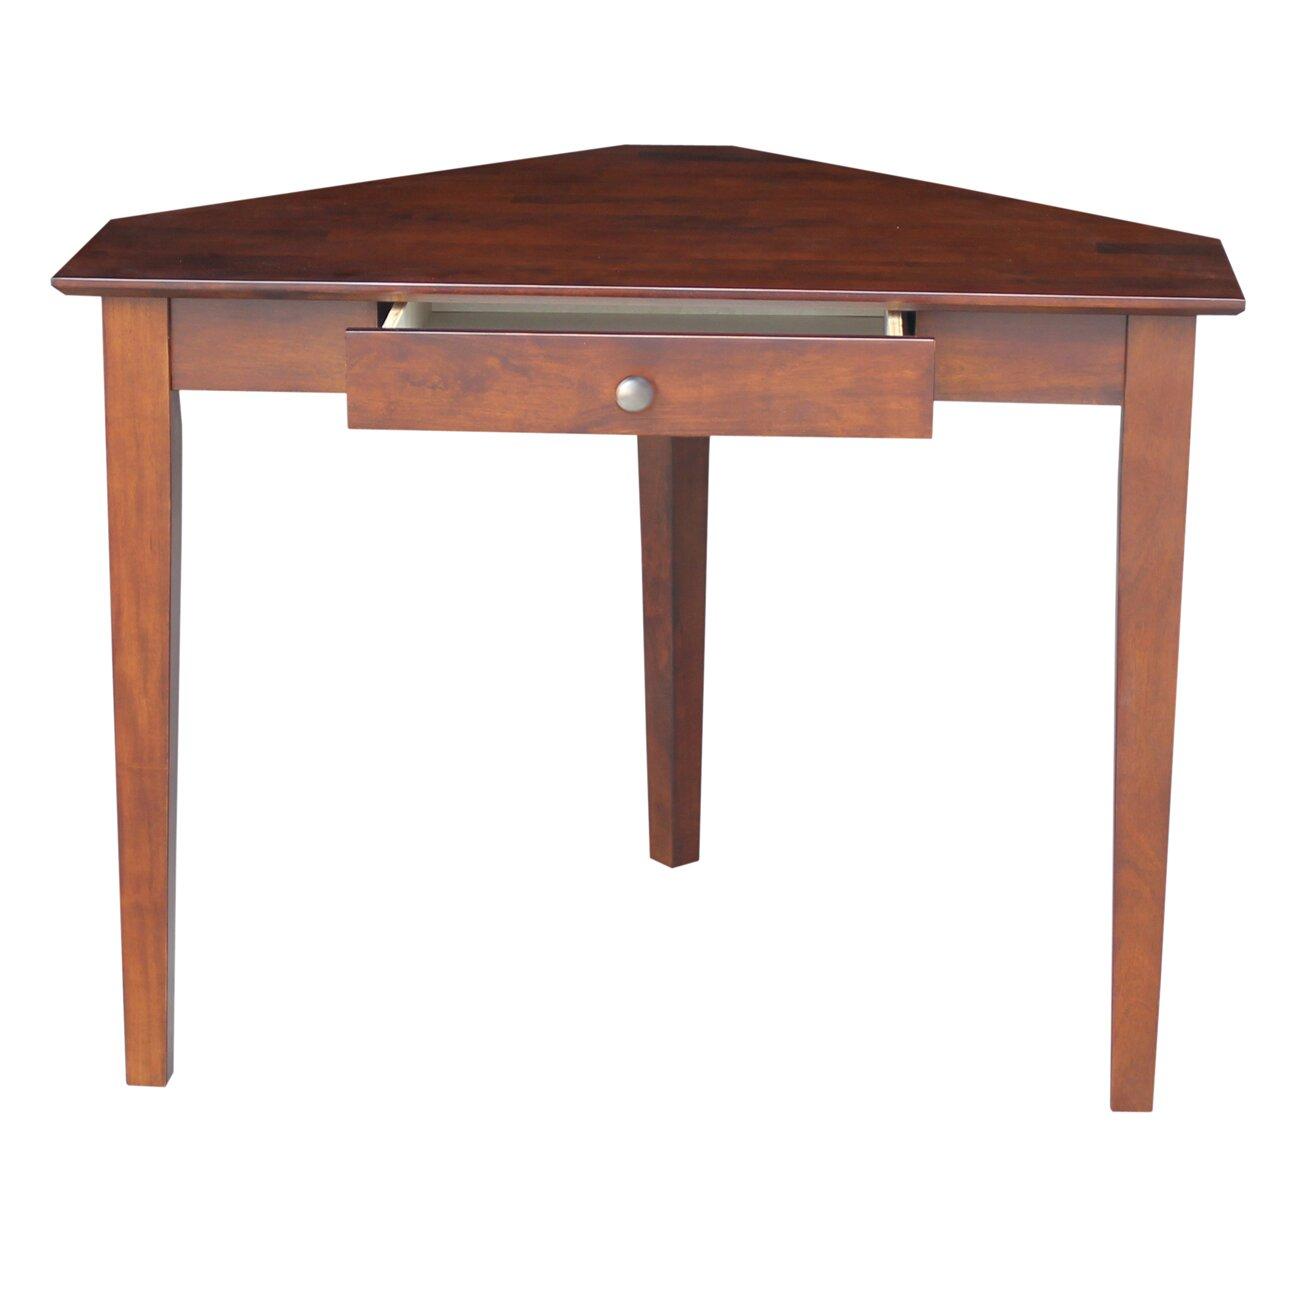 international concepts corner desk with storage drawer reviews wayfair. Black Bedroom Furniture Sets. Home Design Ideas